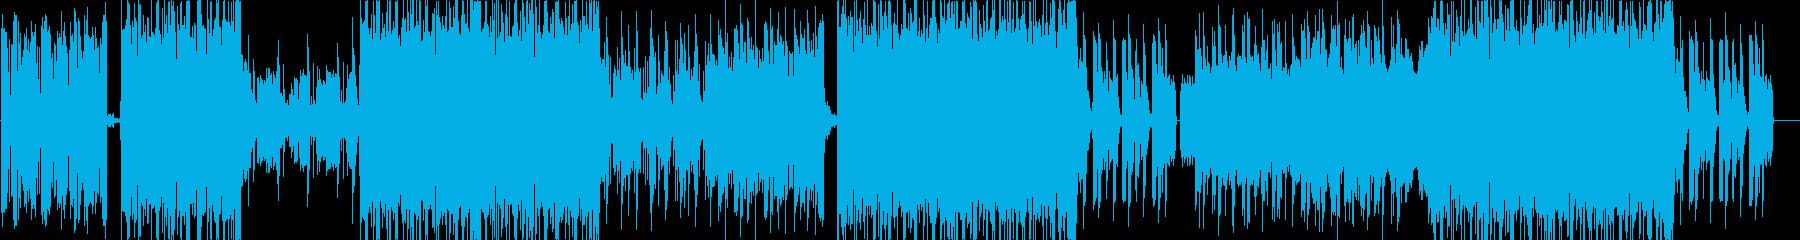 電気楽器。風変わりな、多忙な、ロボ...の再生済みの波形